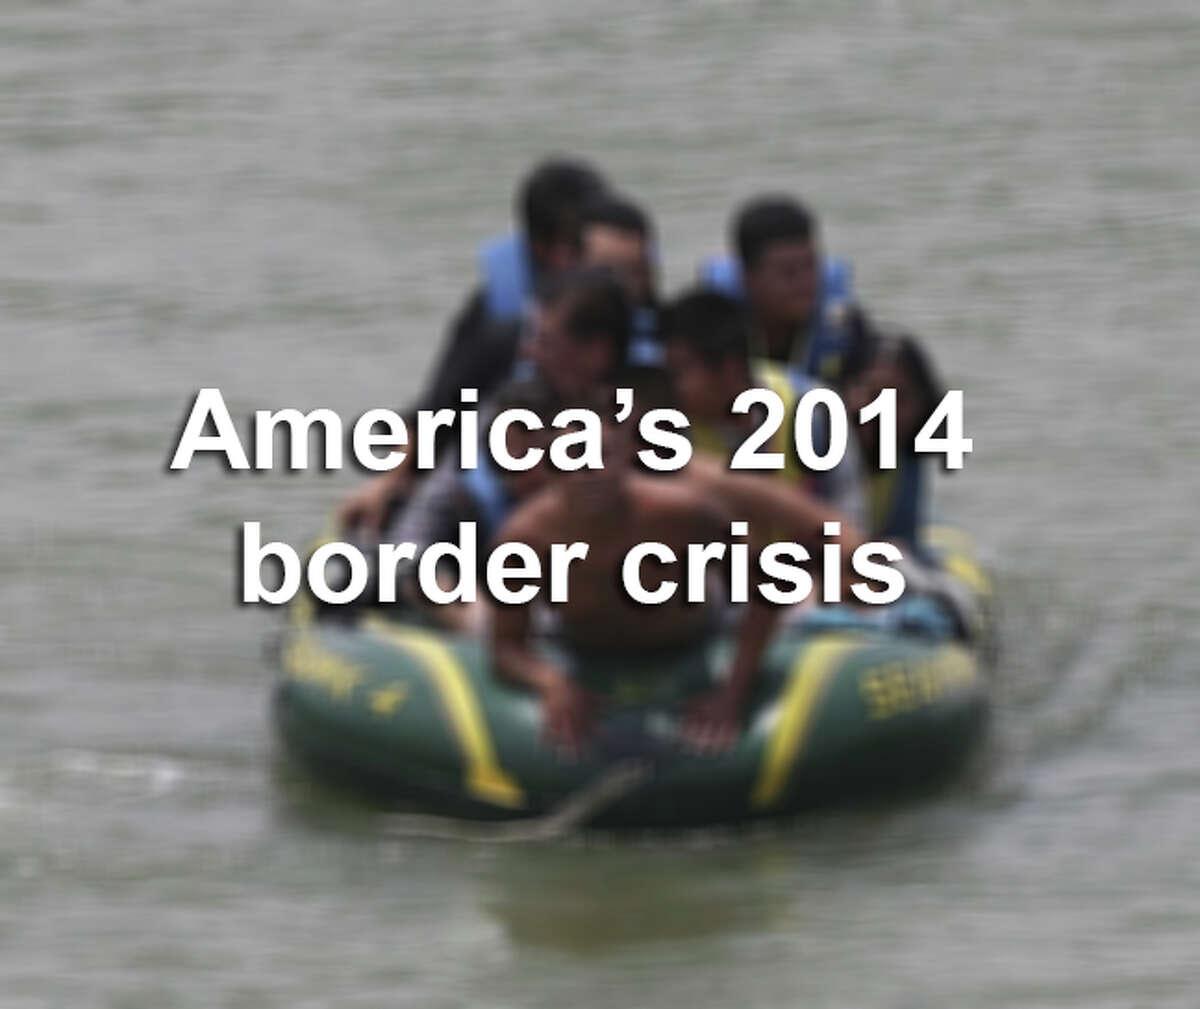 America's 2014 border crisis.